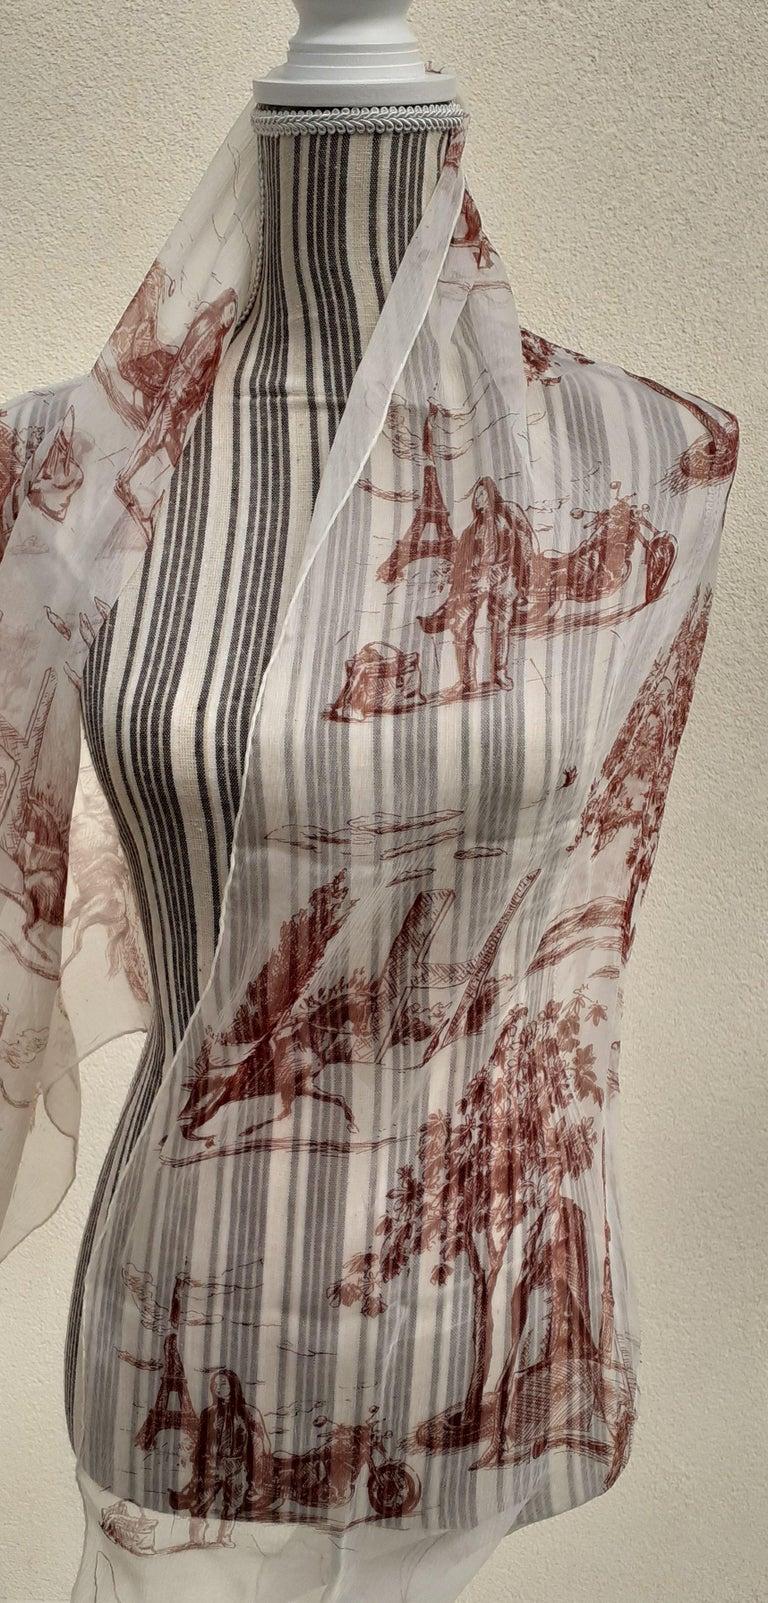 Hermès Chiffon Mousseline Silk Scarf Long Stole Toile de Jouy Pattern Rare For Sale 10